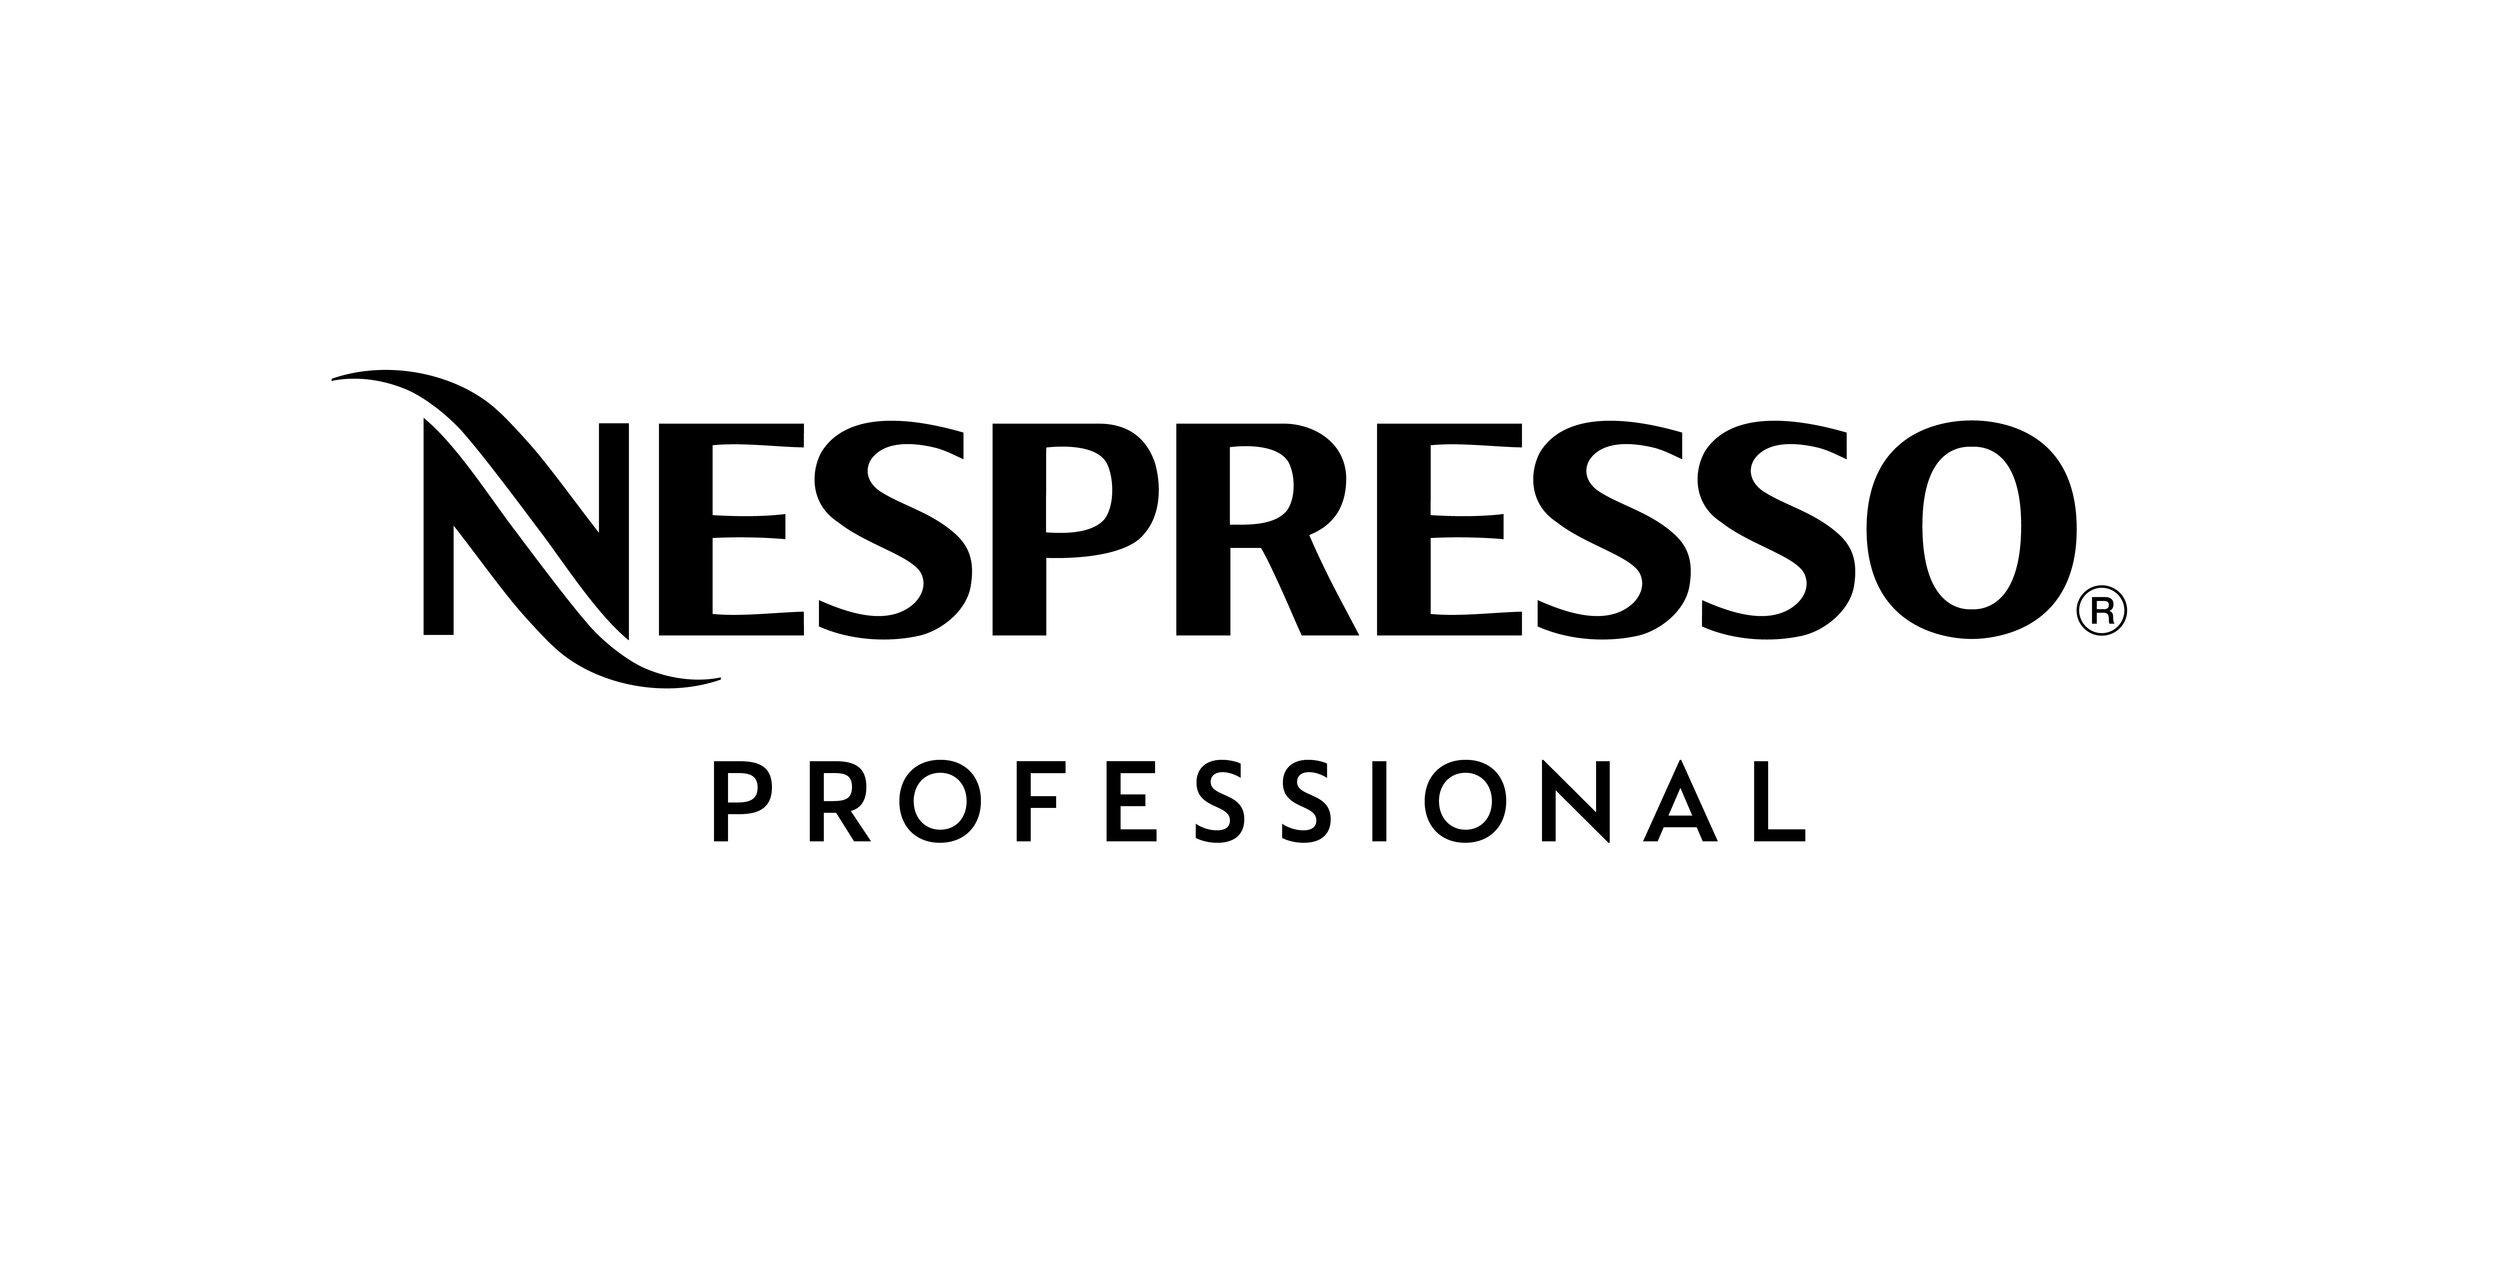 Nespresso® Professional BLACK.jpg